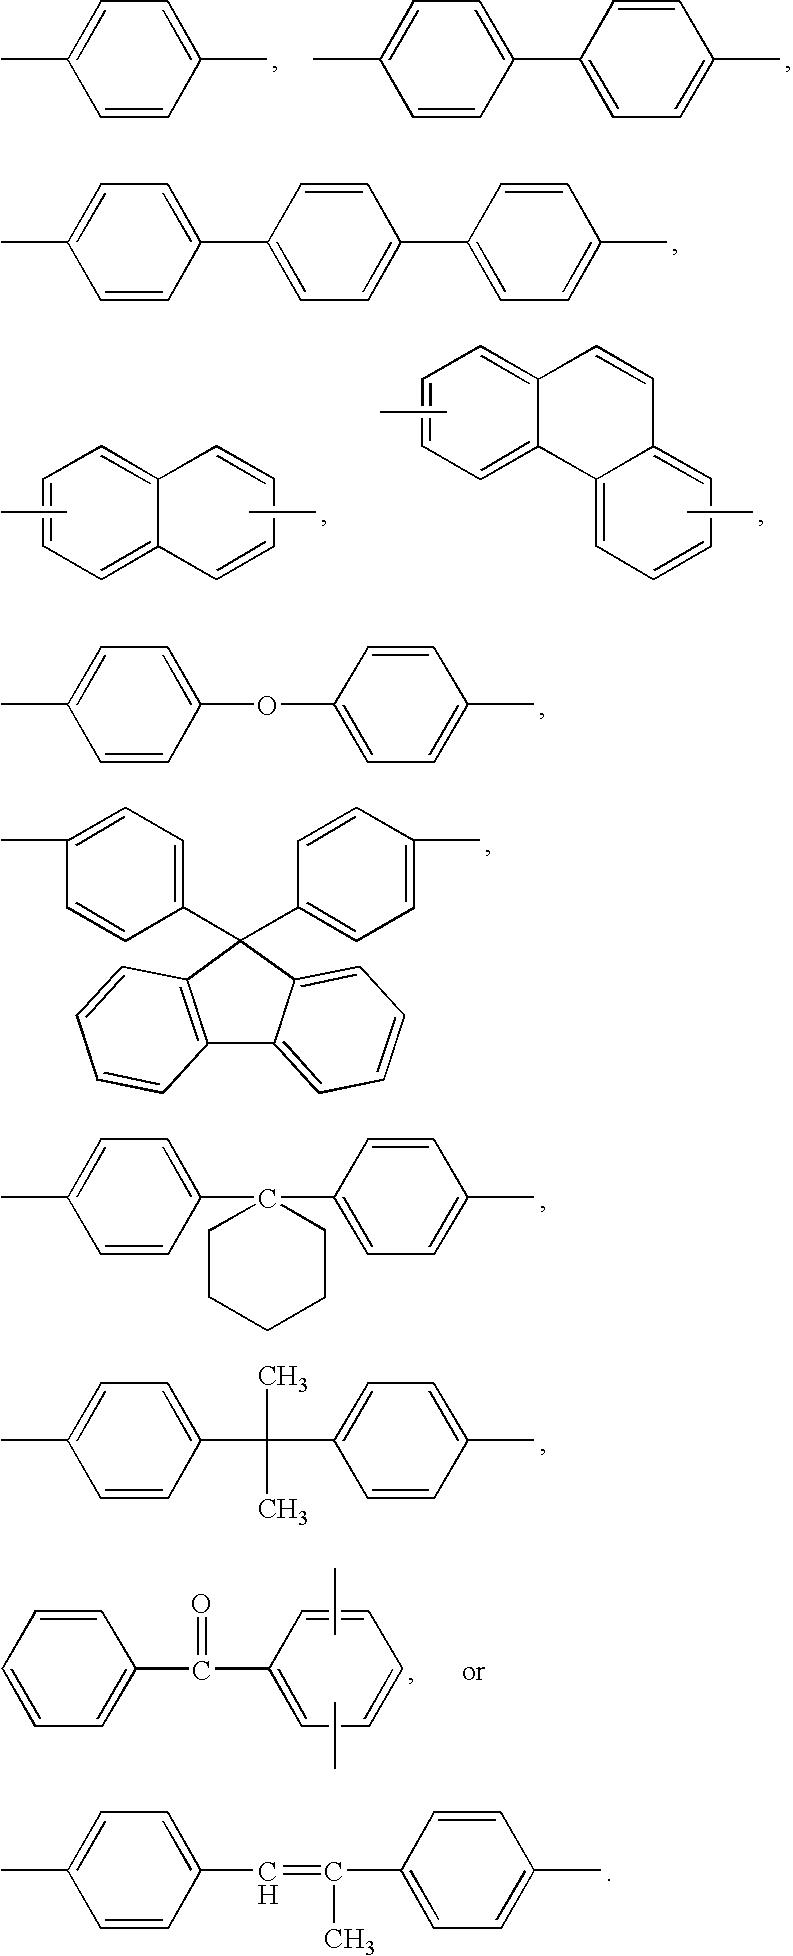 Figure US07888433-20110215-C00021